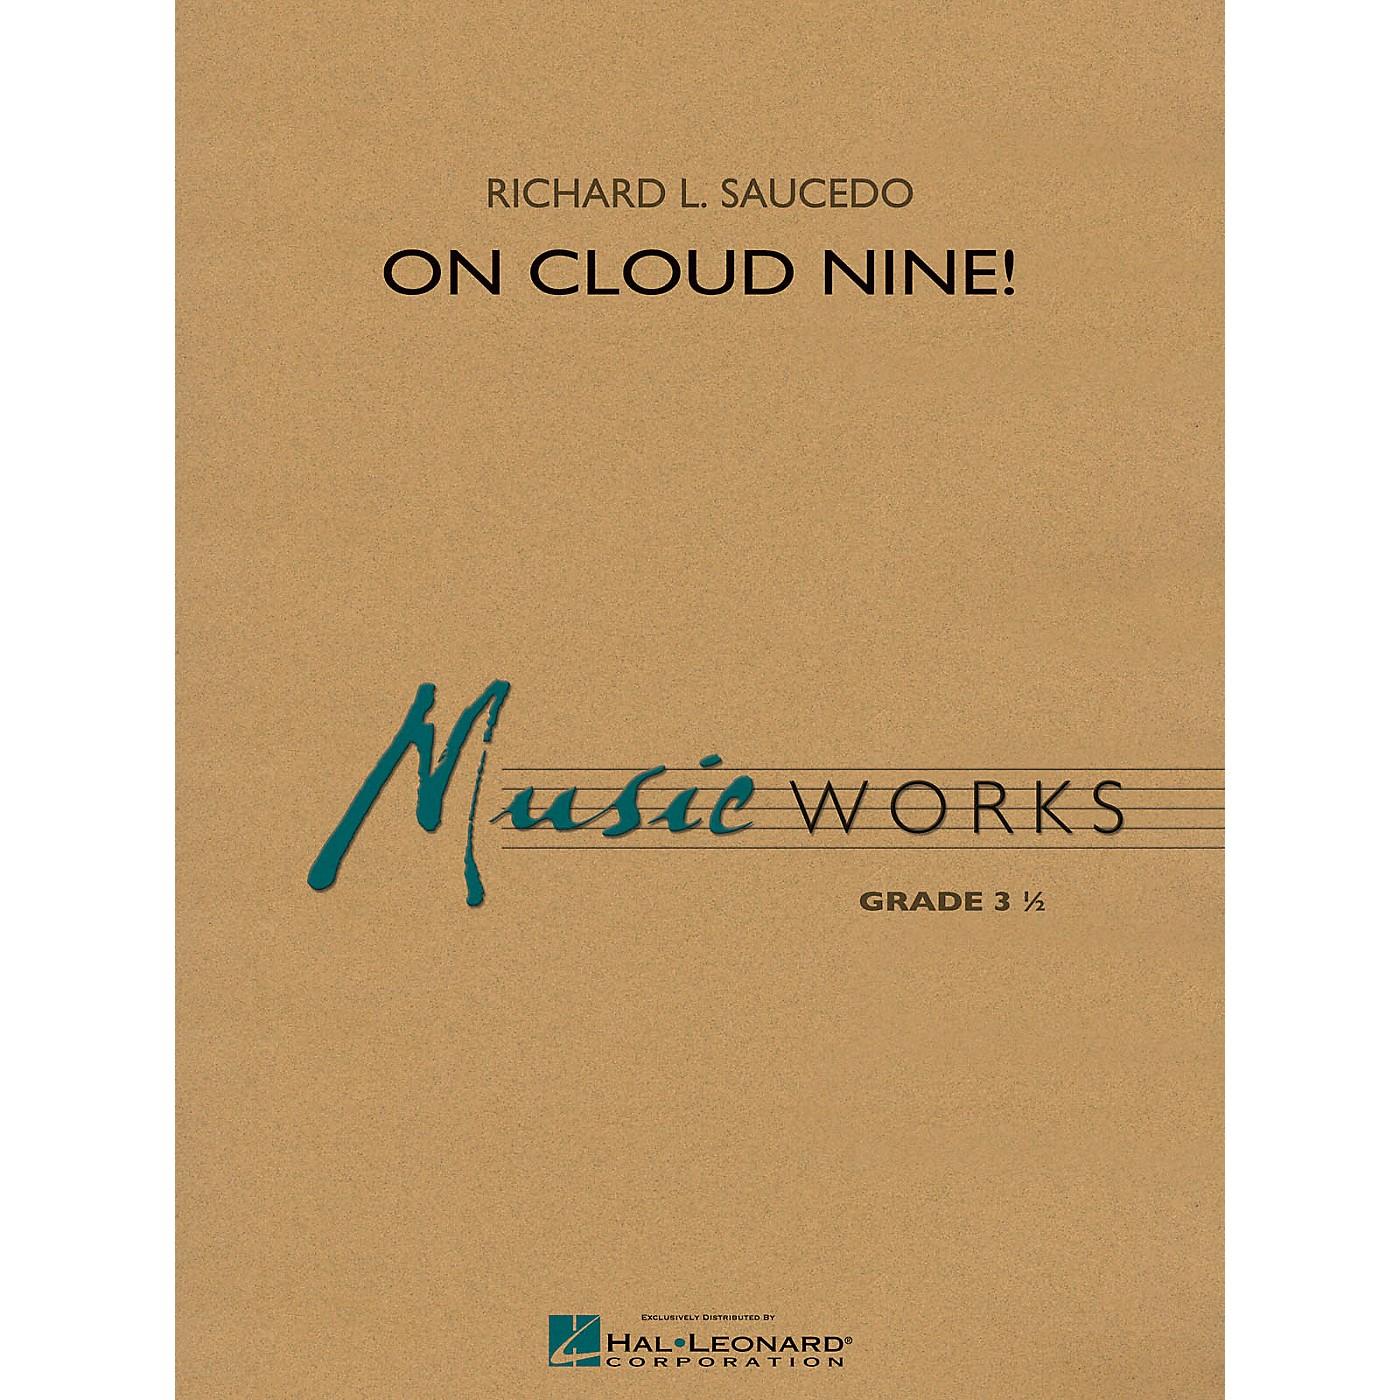 Hal Leonard On Cloud Nine! - Music Works Series Grade 3 thumbnail